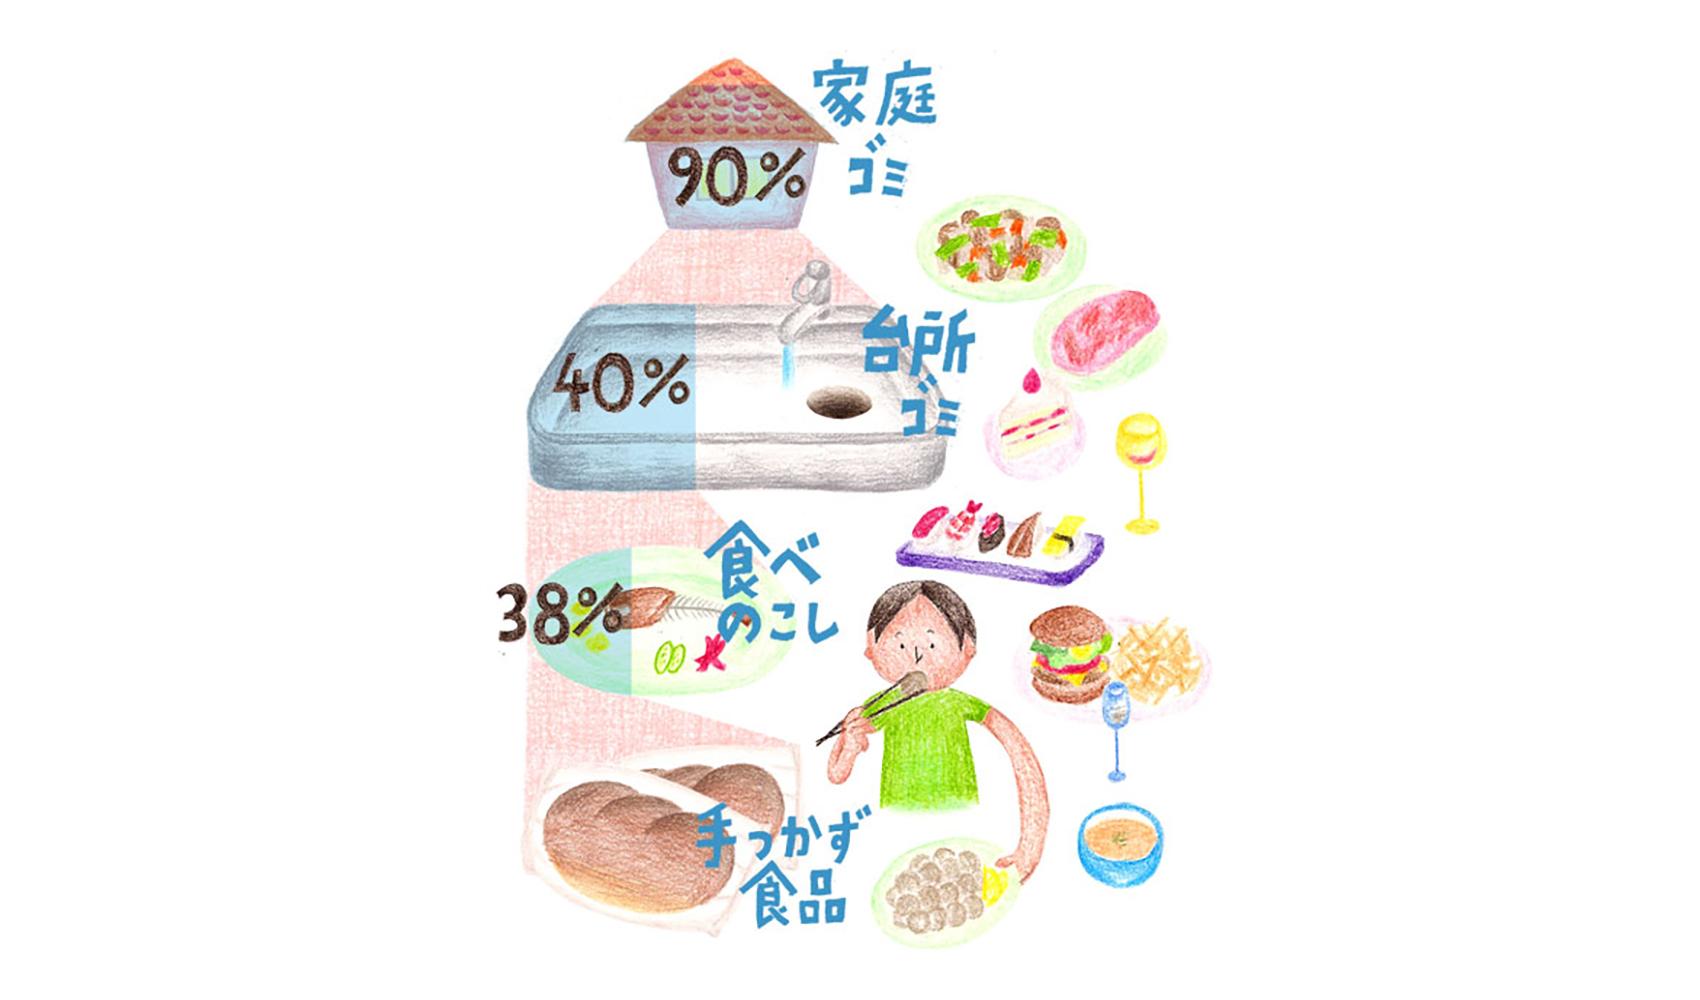 家庭から出るゴミでいちばん多いのは、何ですか?